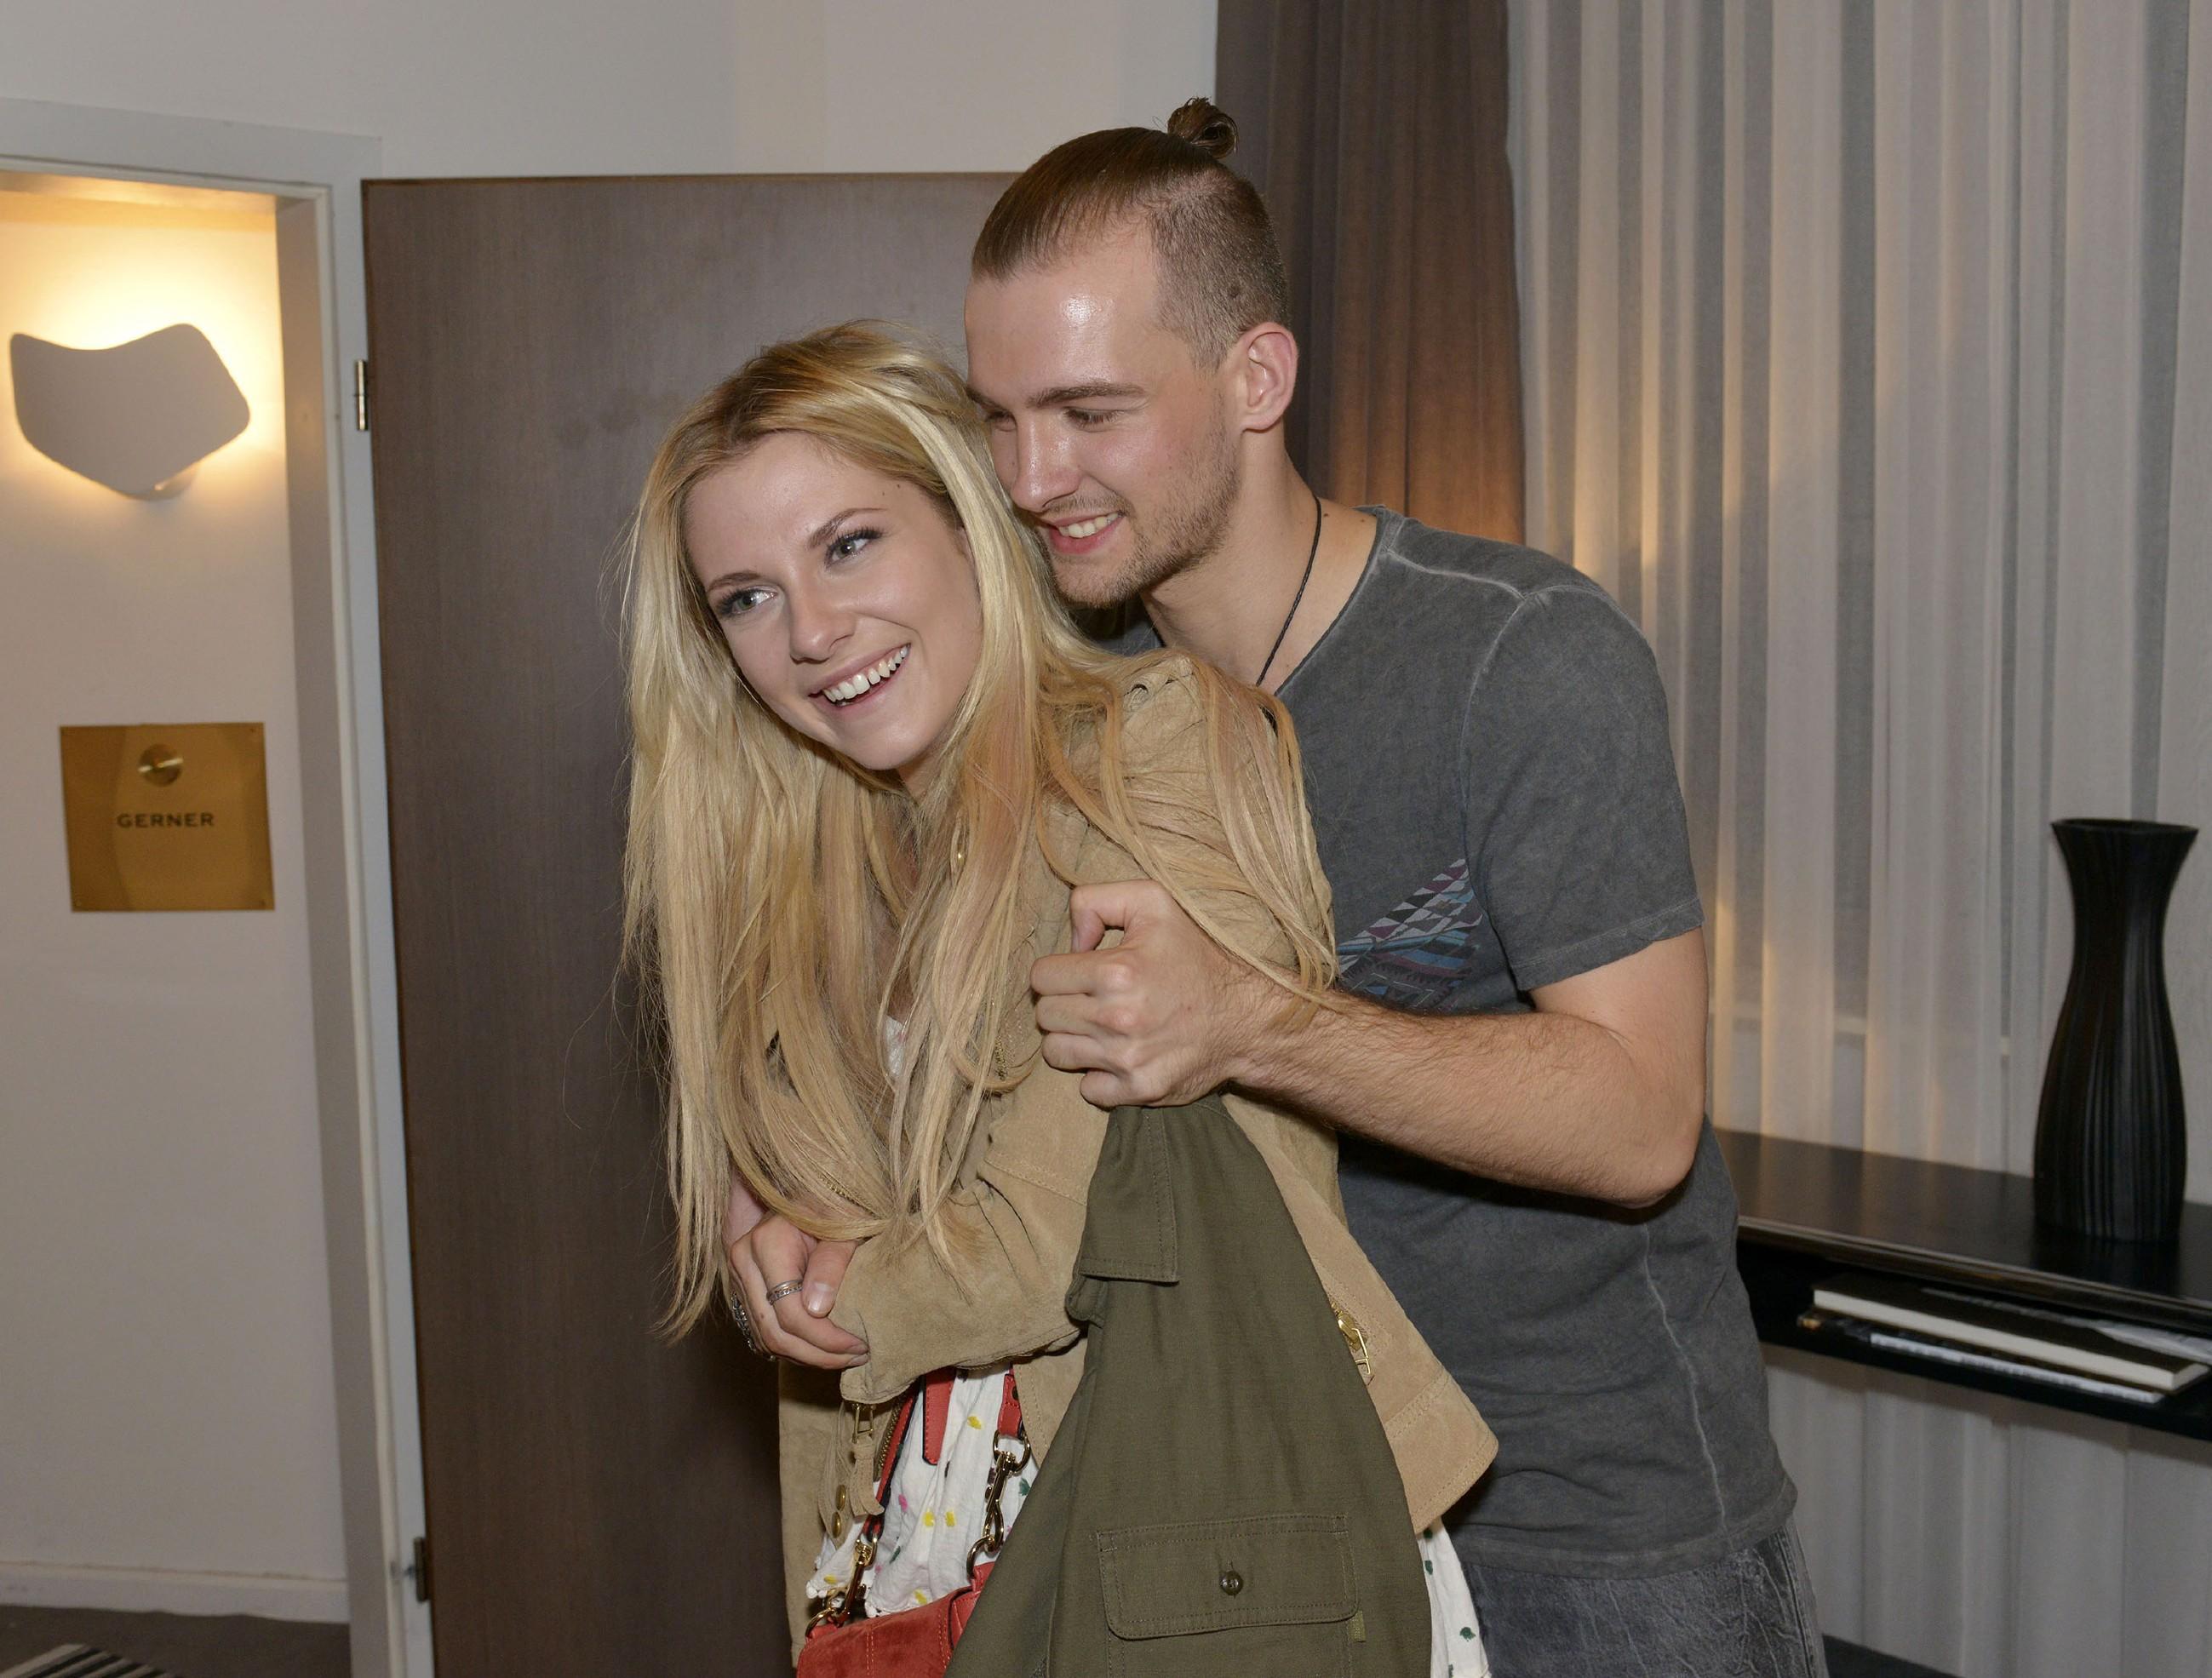 Leicht angeheitert ist Chris (Eric Stehfest) kurz davor, Sunny (Valentina Pahde) eine Liebeserklärung zu machen...